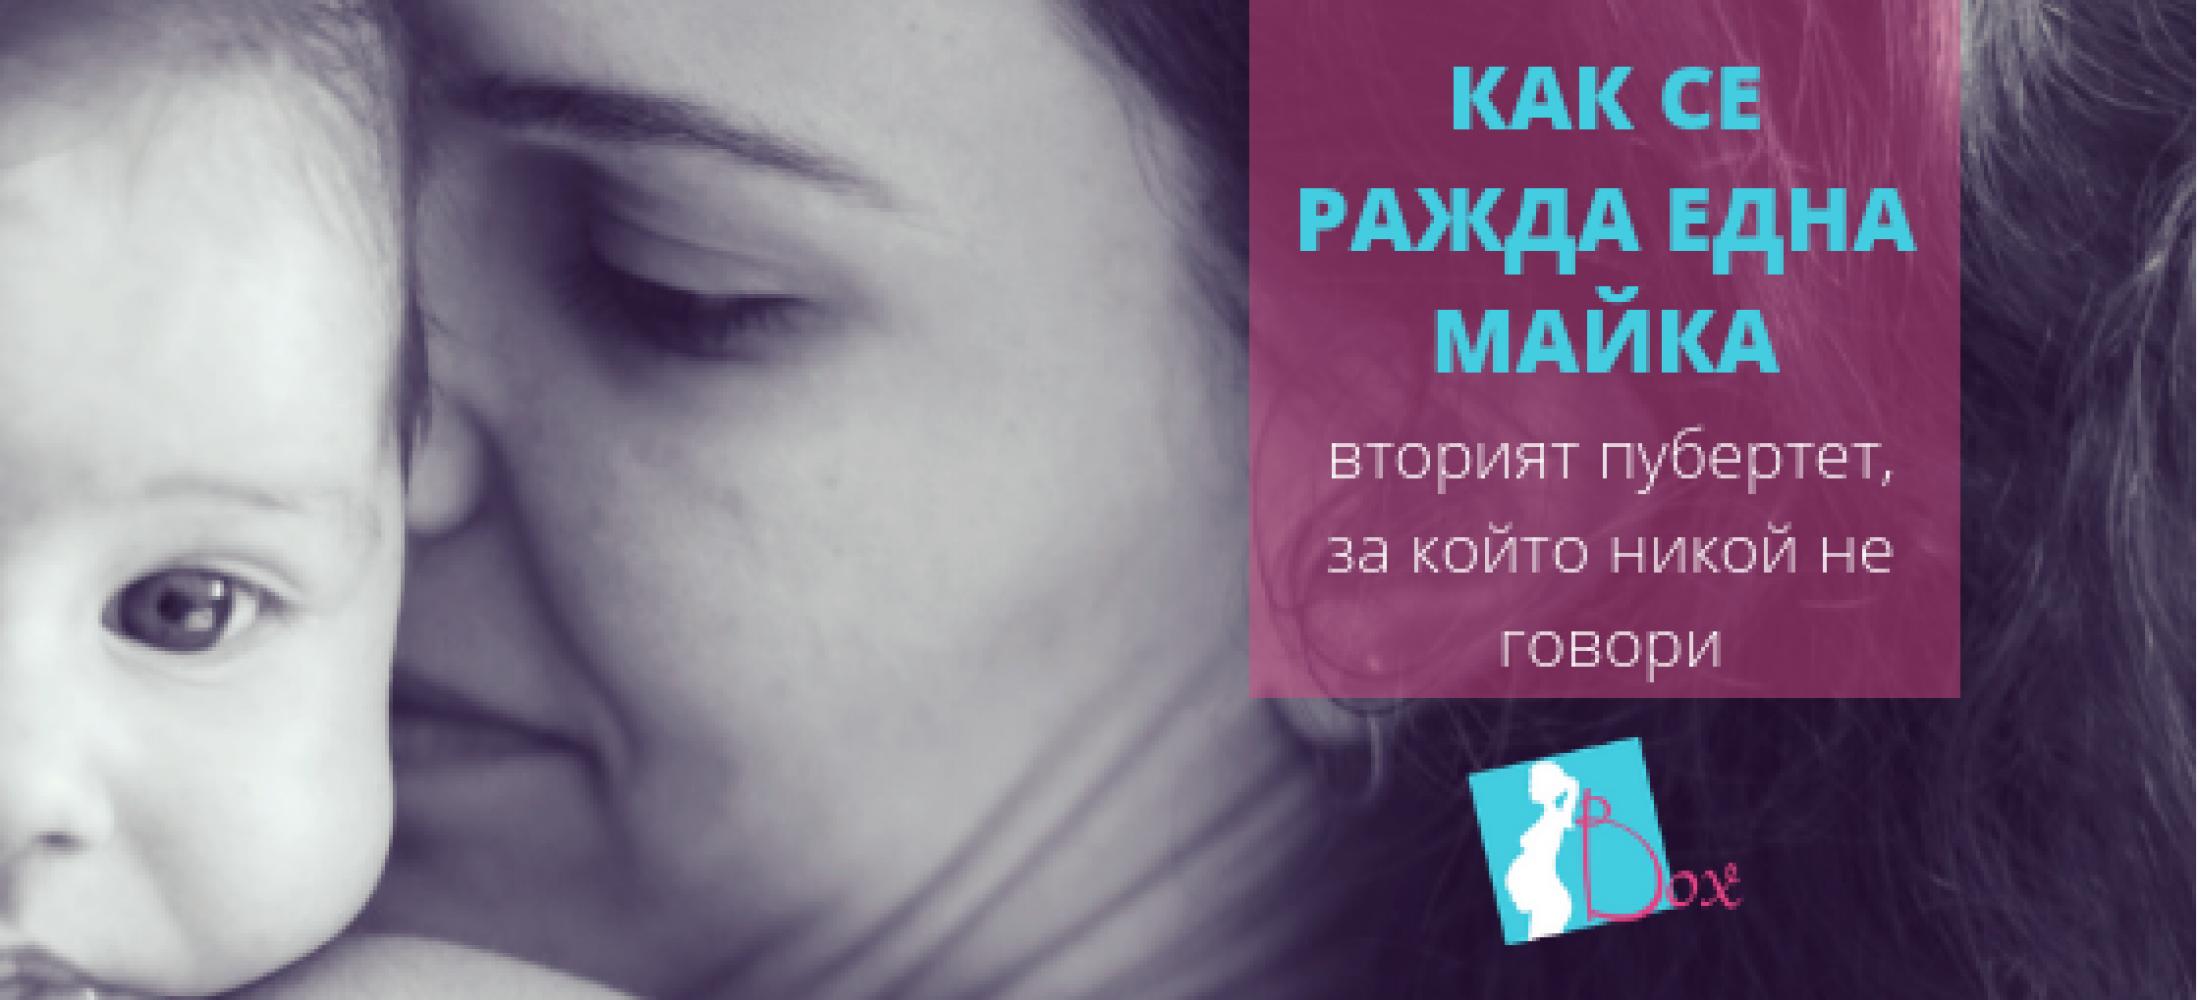 Как се ражда една майка или вторият пубертет, за който никой не говори...